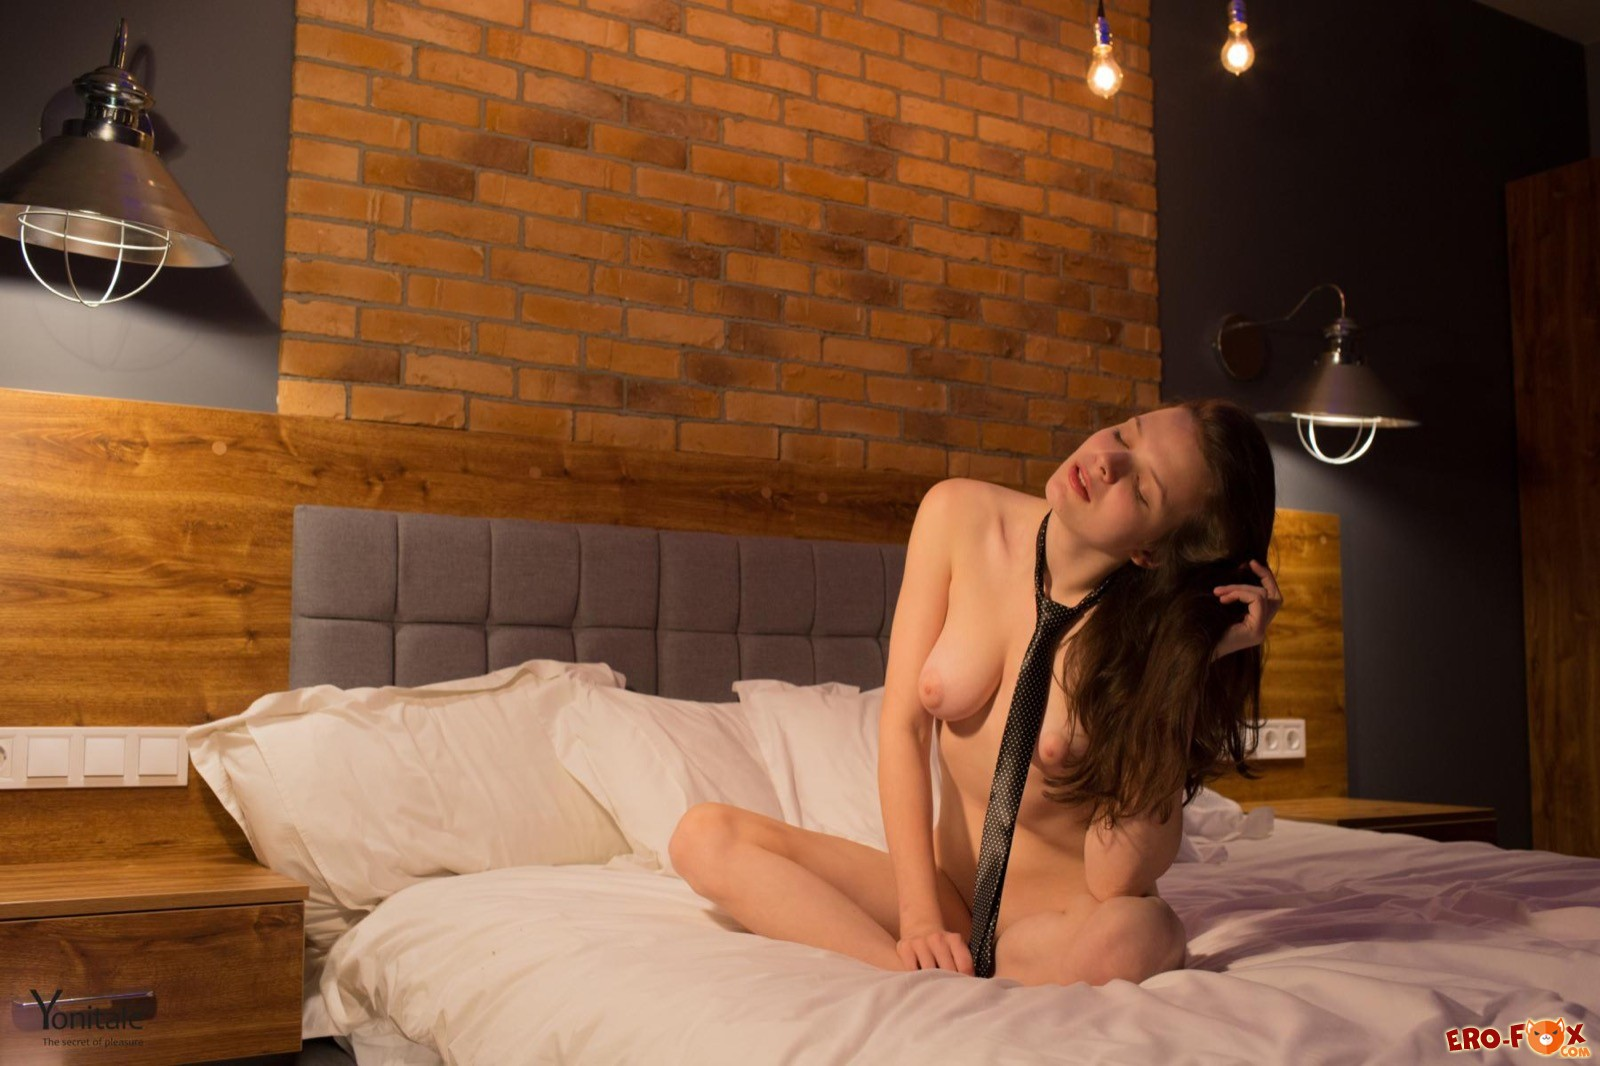 Голенькая девка в галстуке позирует в постели